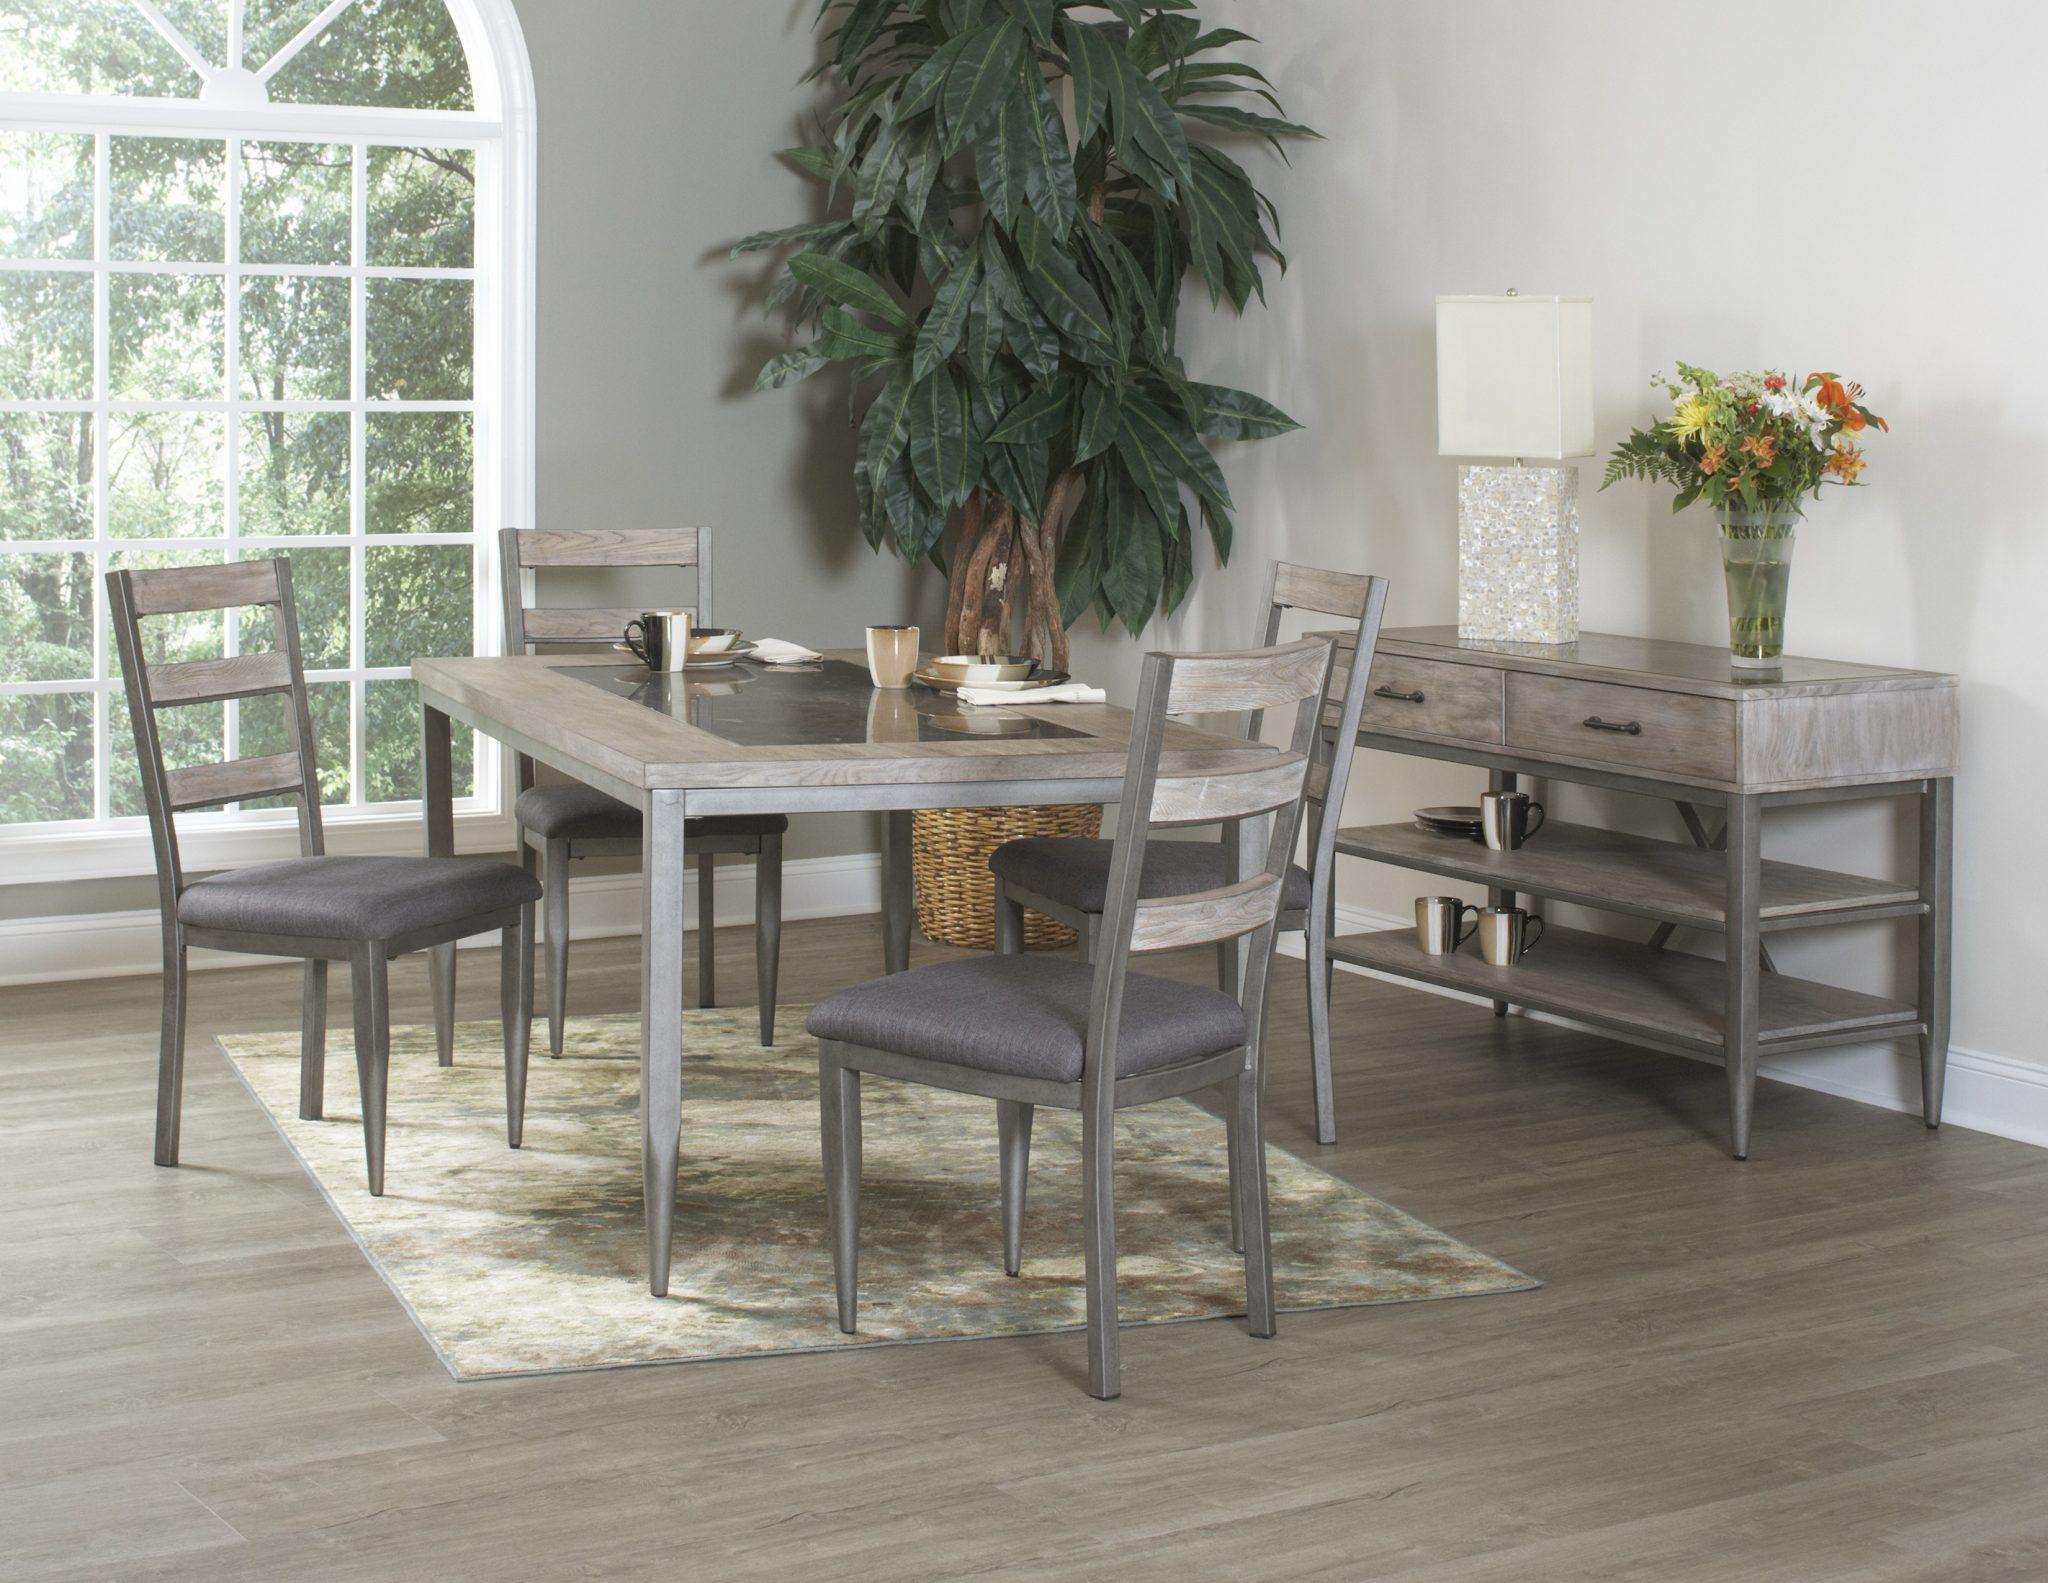 Largo Furniture   Dining Set